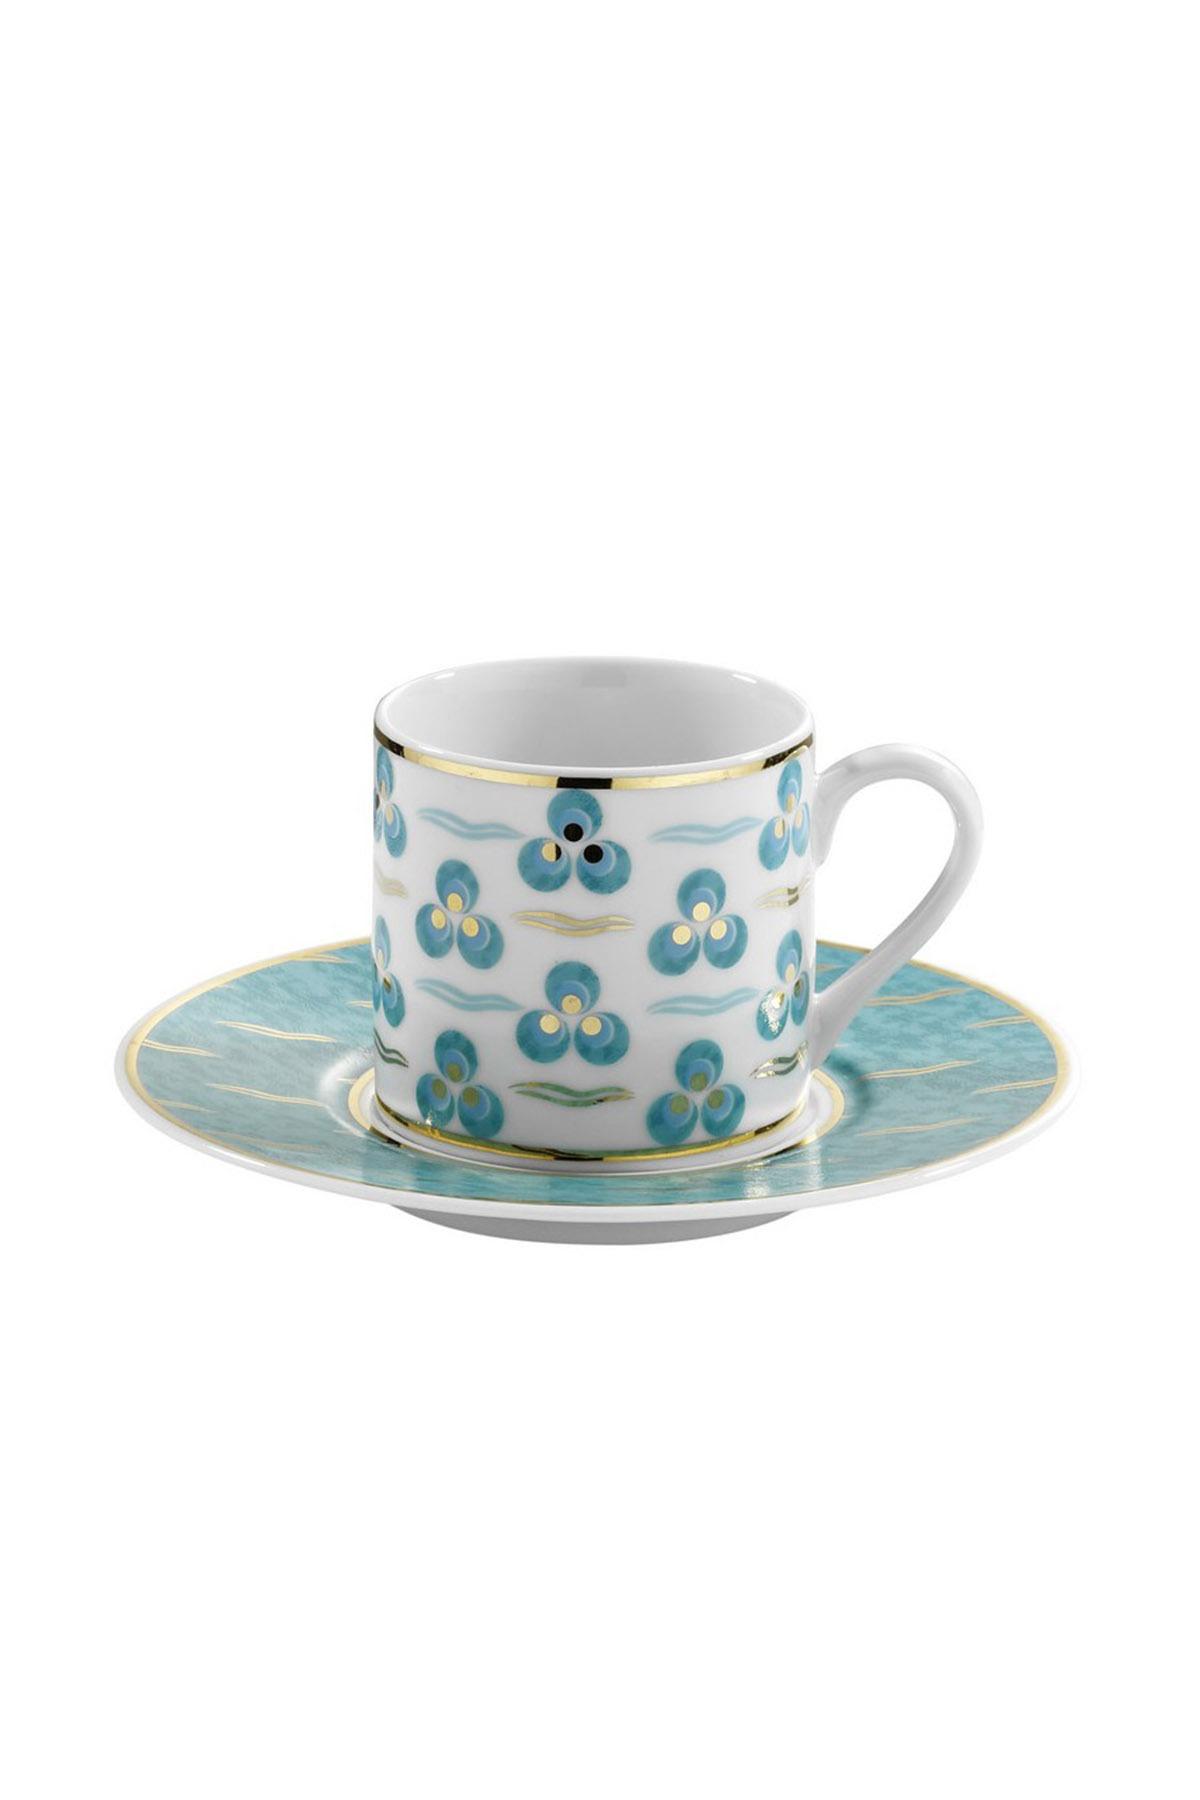 Kütahya Porselen Çintemani 9728 Desen Kahve Fincan Takımı